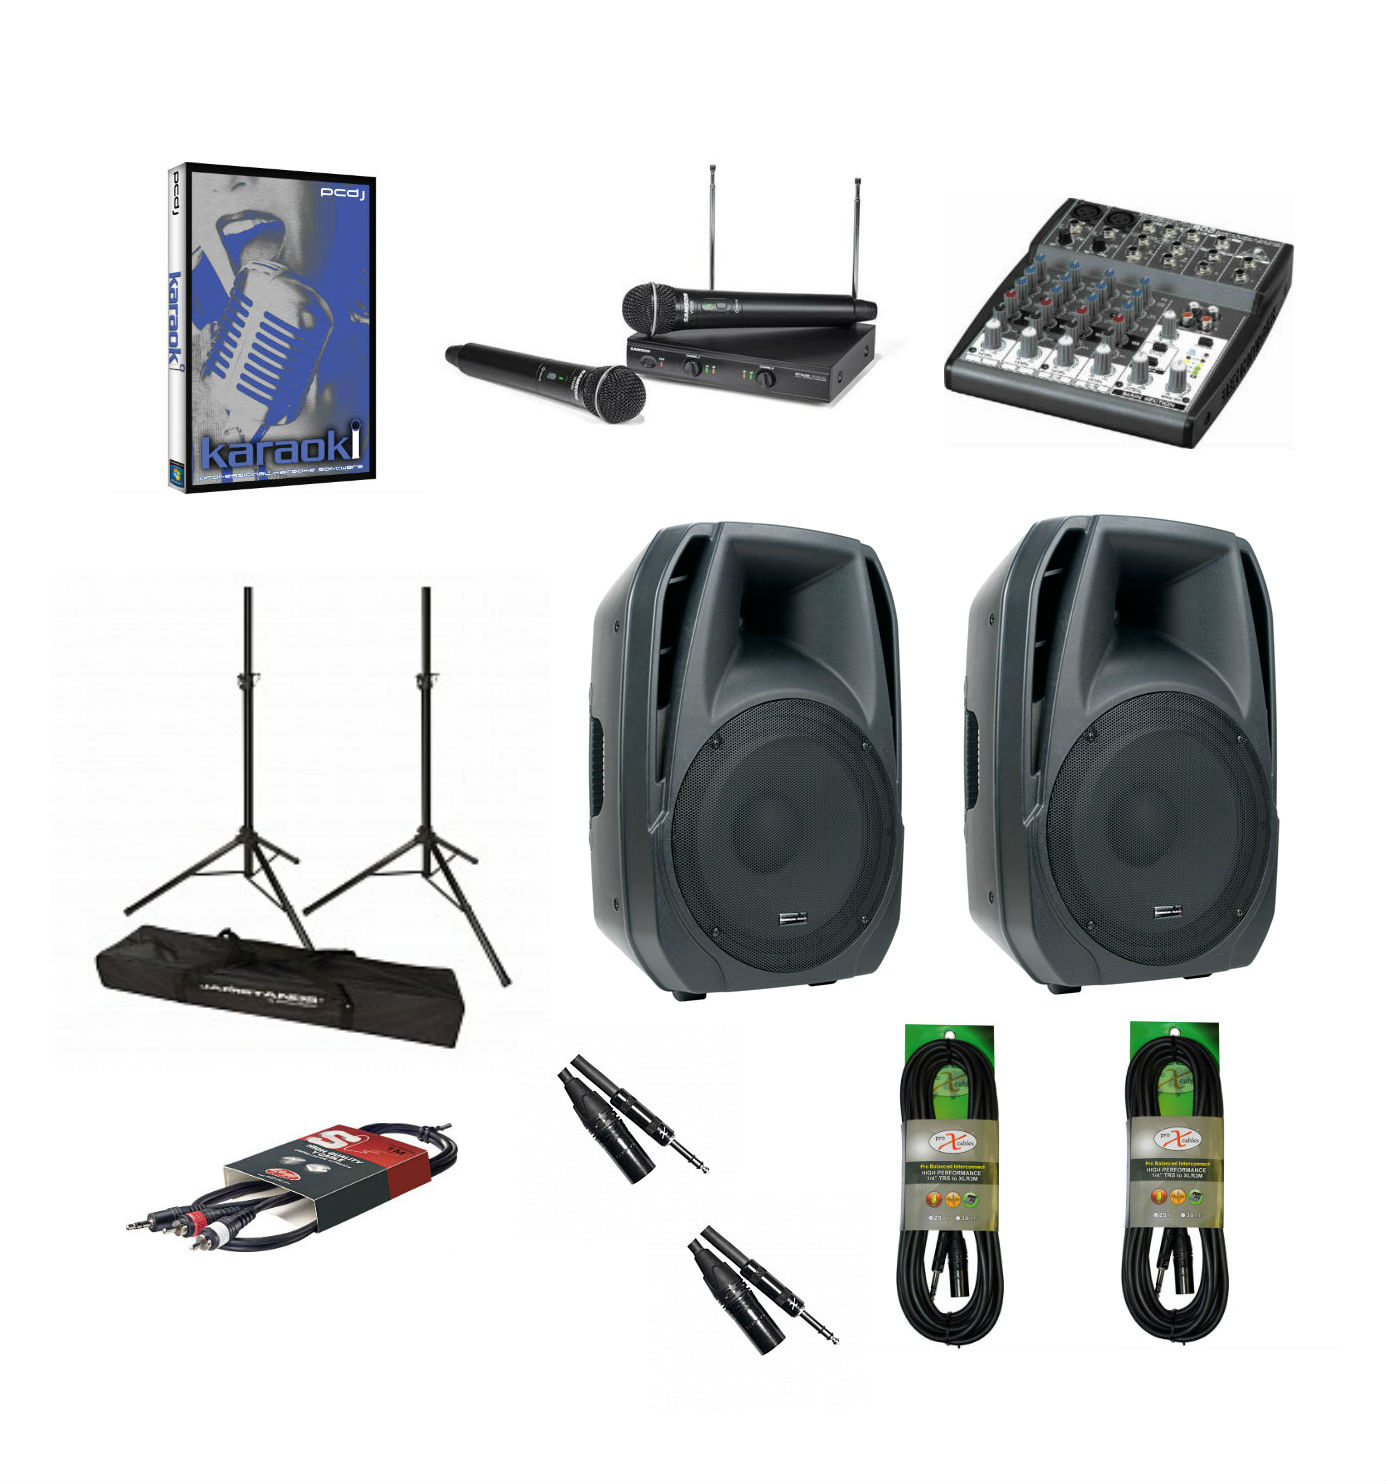 karaoke-starter-pack-2.jpg